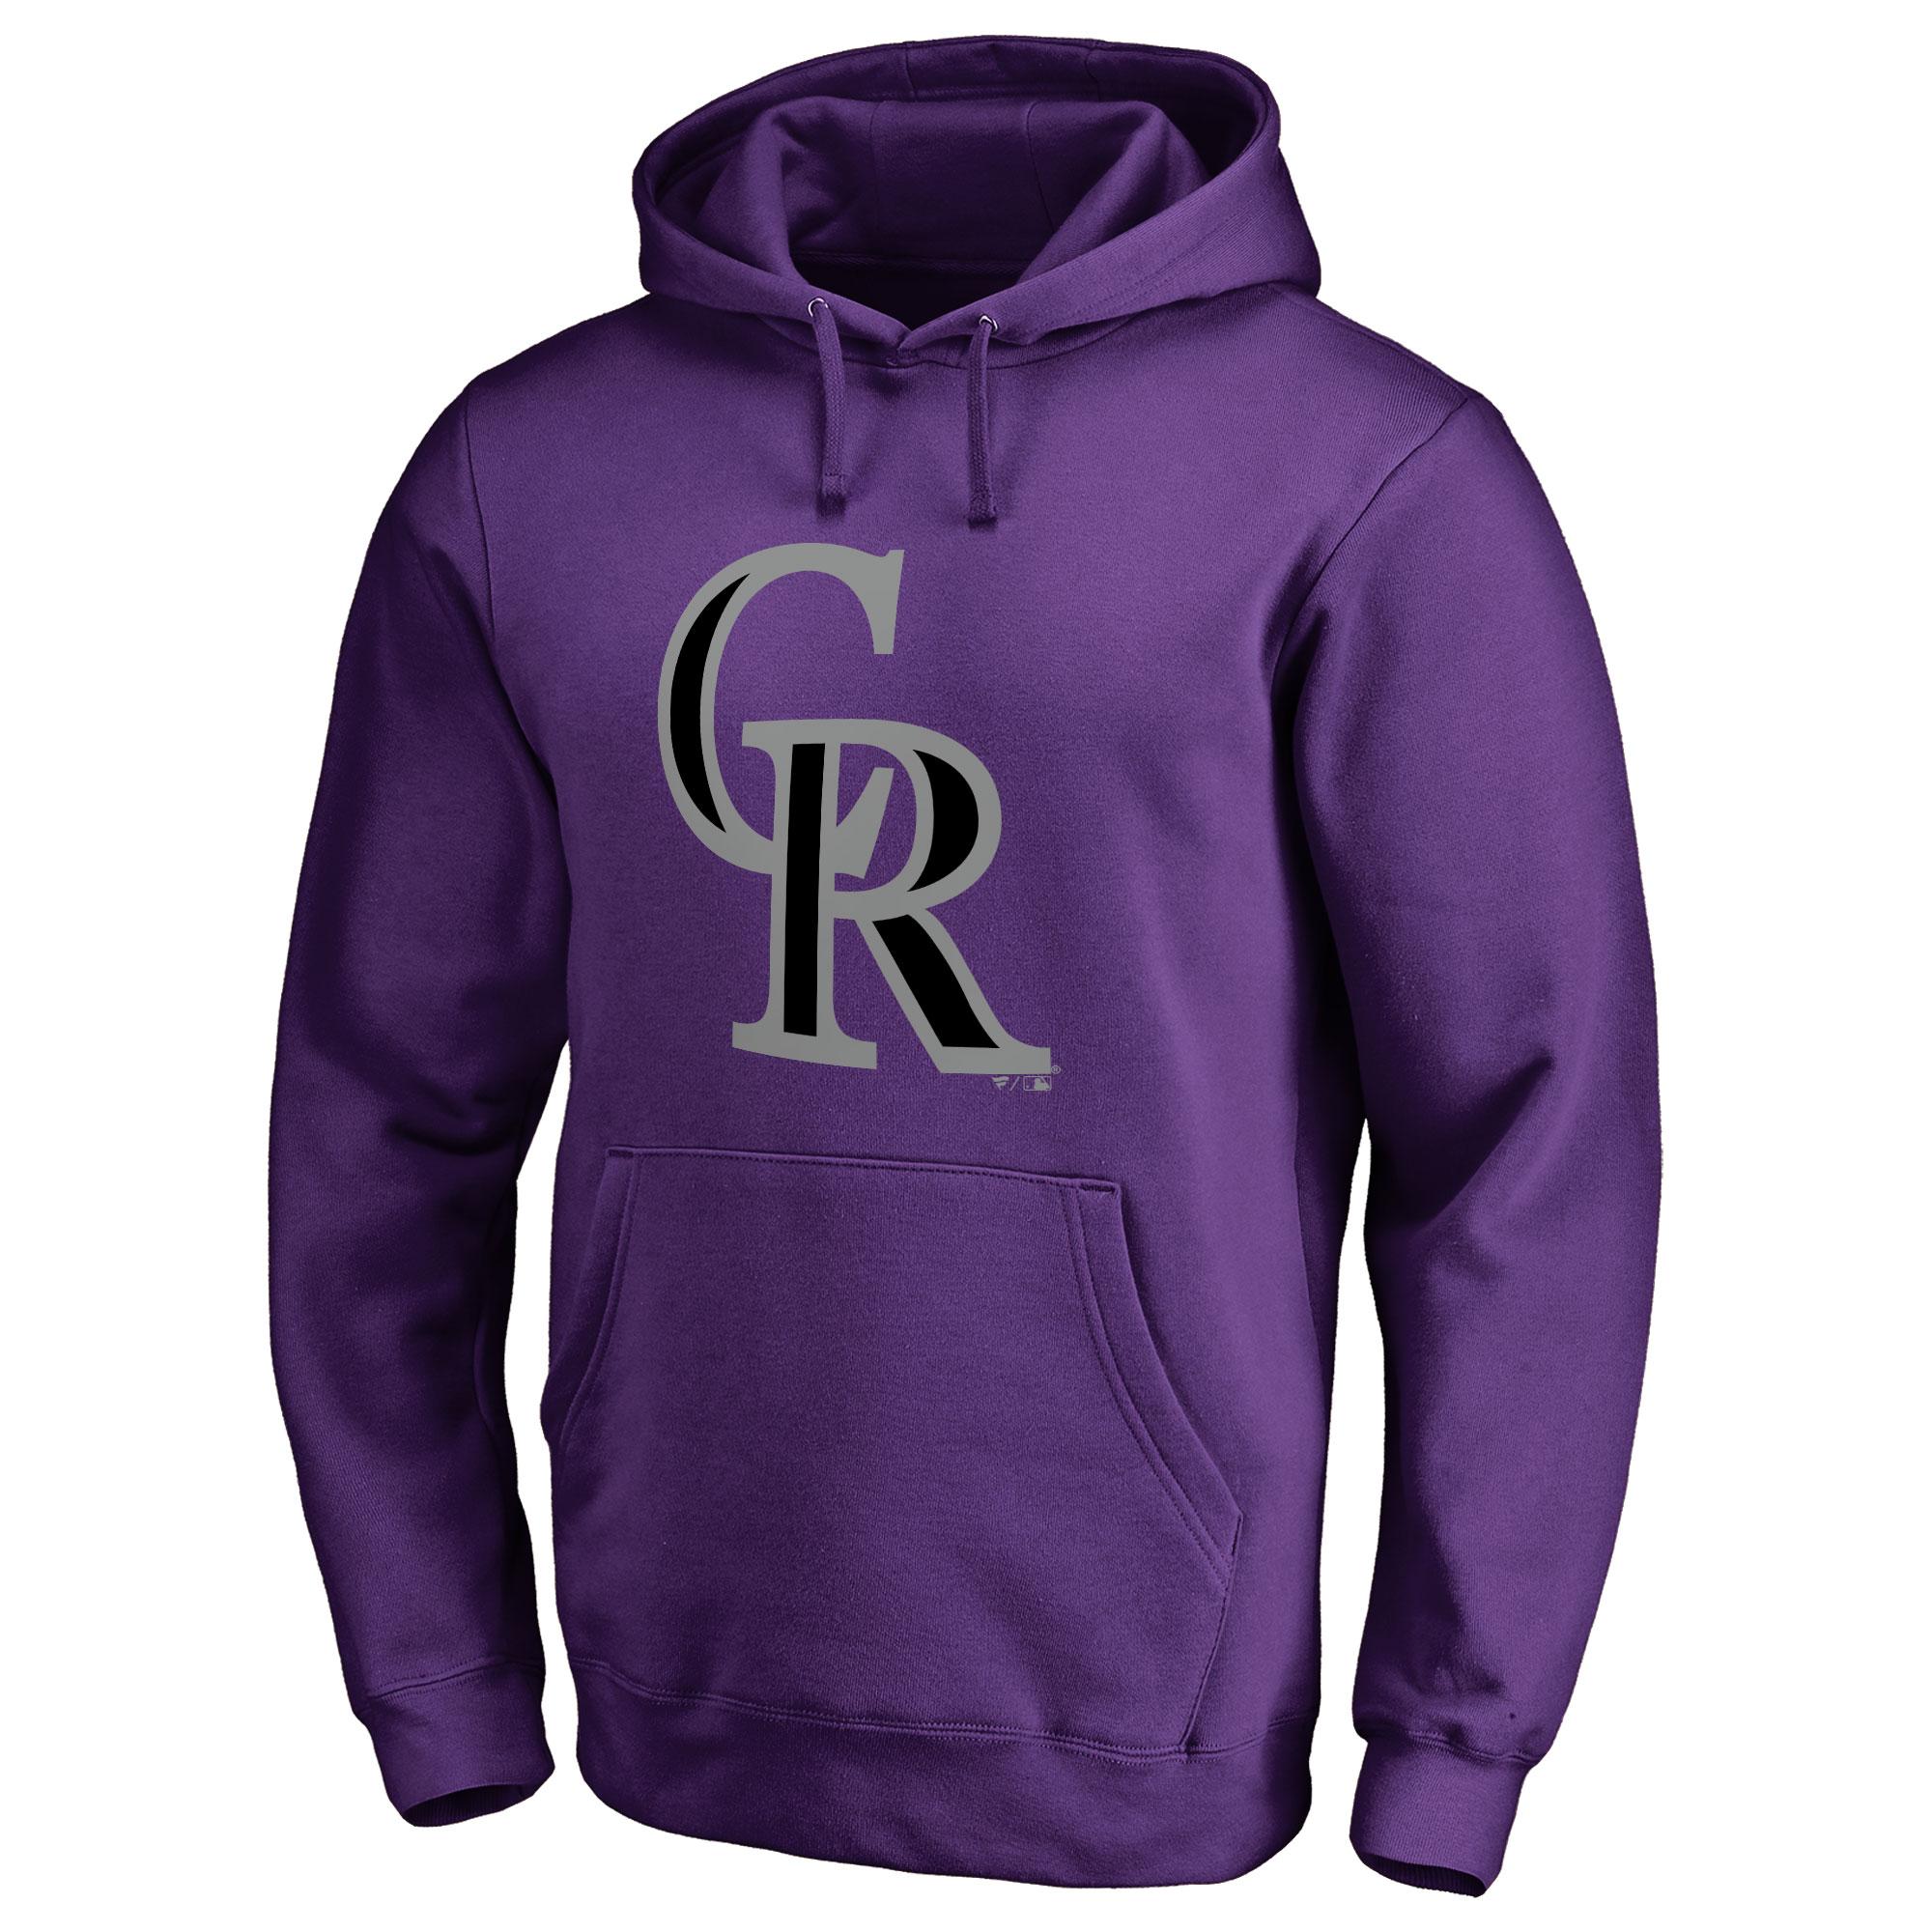 Colorado Rockies Secondary Color Primary Logo Pullover Hoodie - Purple